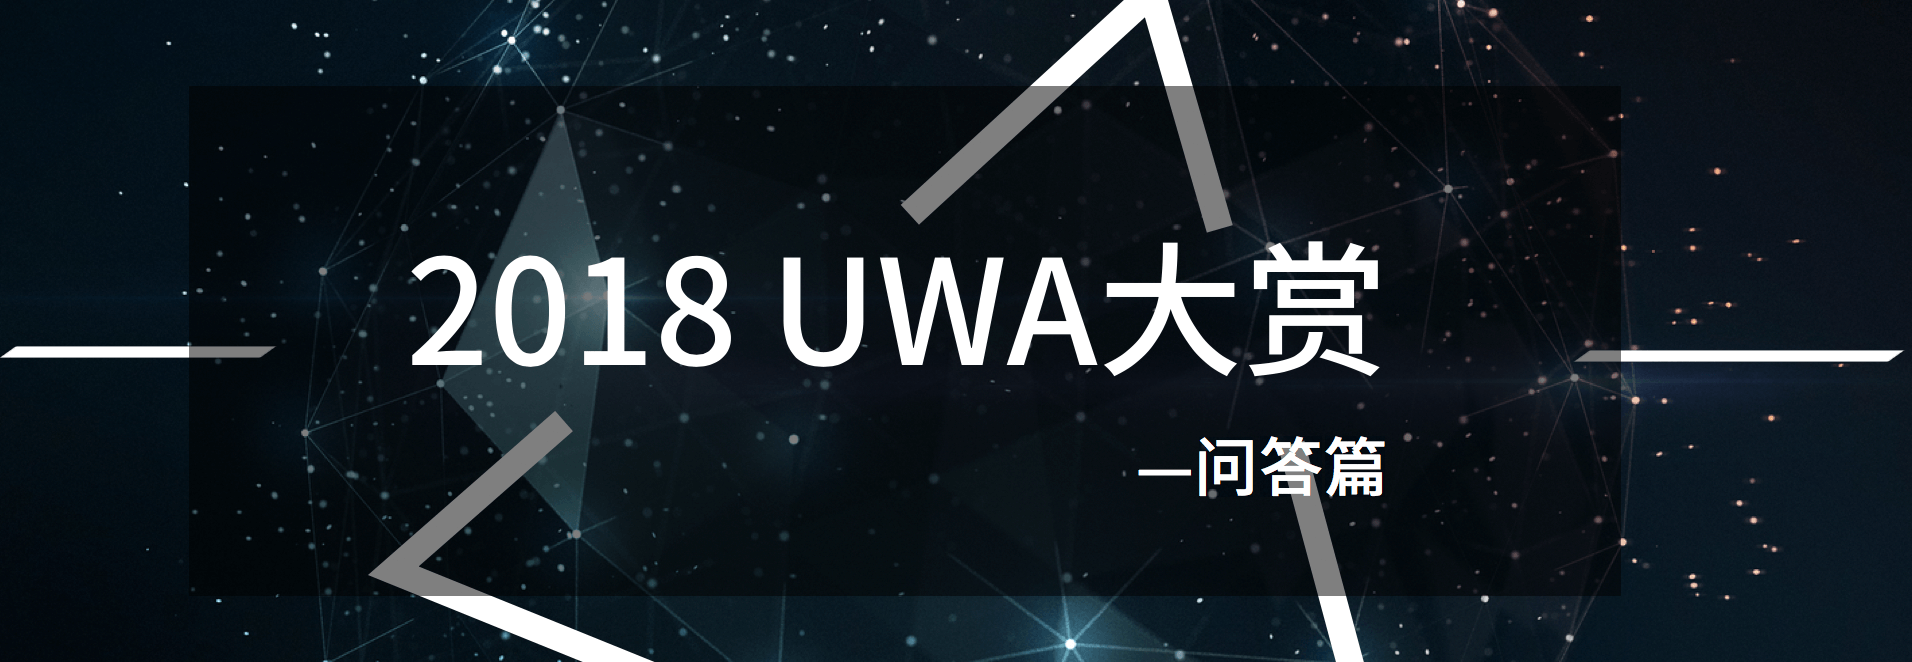 年度大赏   2018最受欢迎的UWA问答